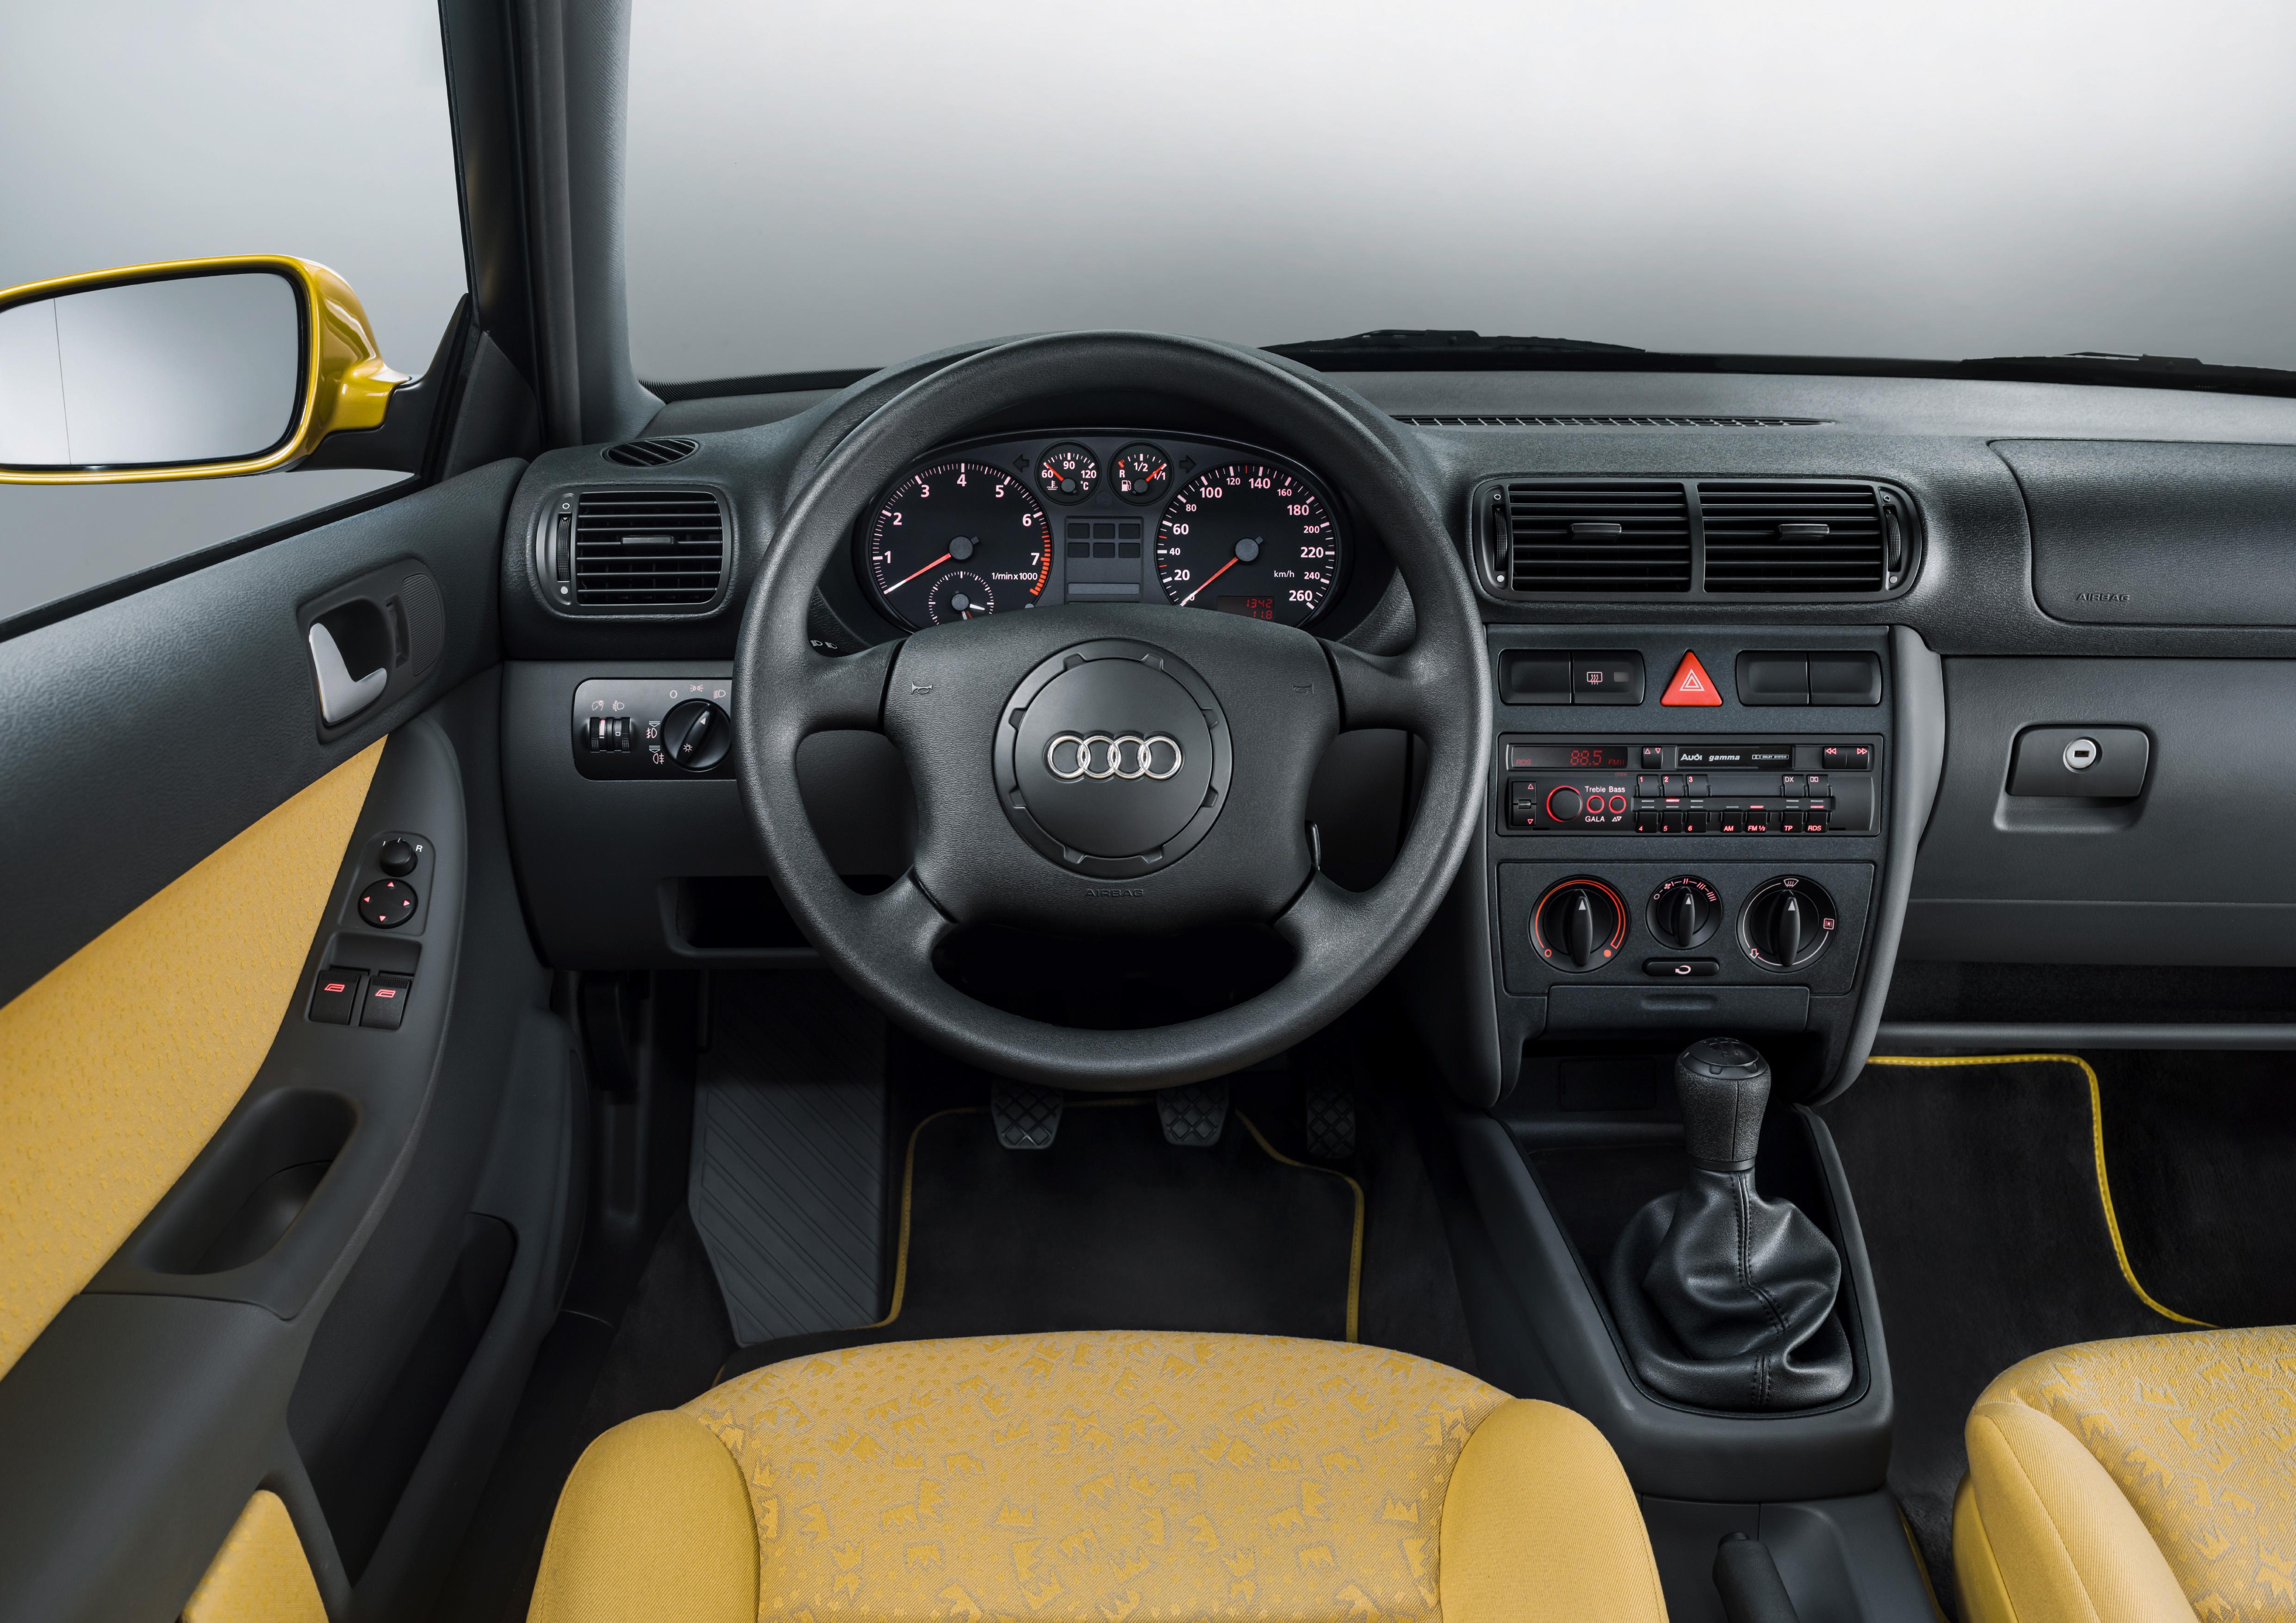 A Evolucao Do Audi A3 Em Seus 20 Anos De Vida Quatro Rodas